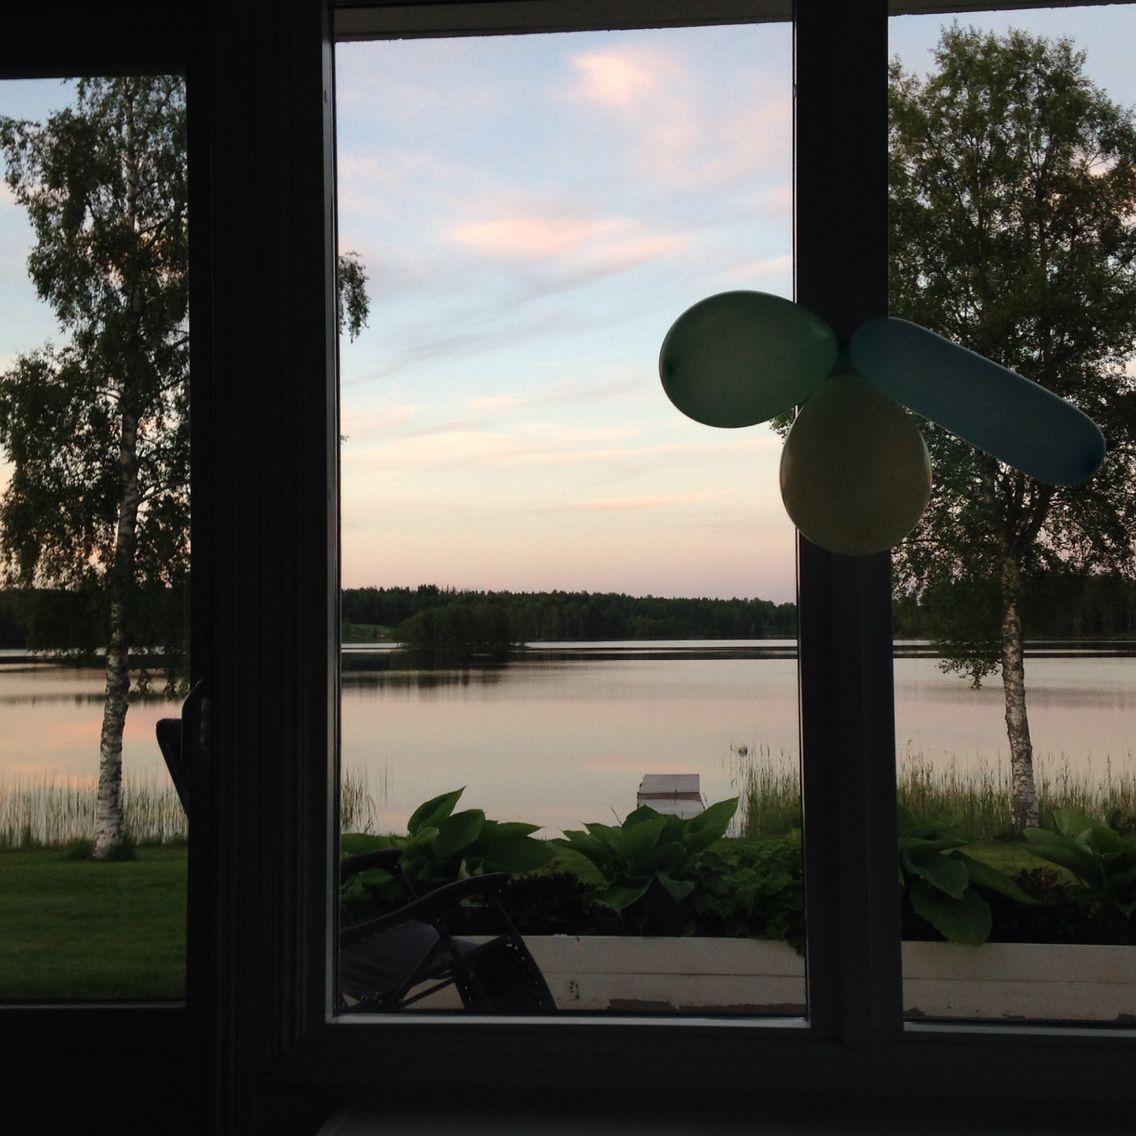 Midnatt vid midsommar, Norrland, Sverige, magiskt! Sweden.